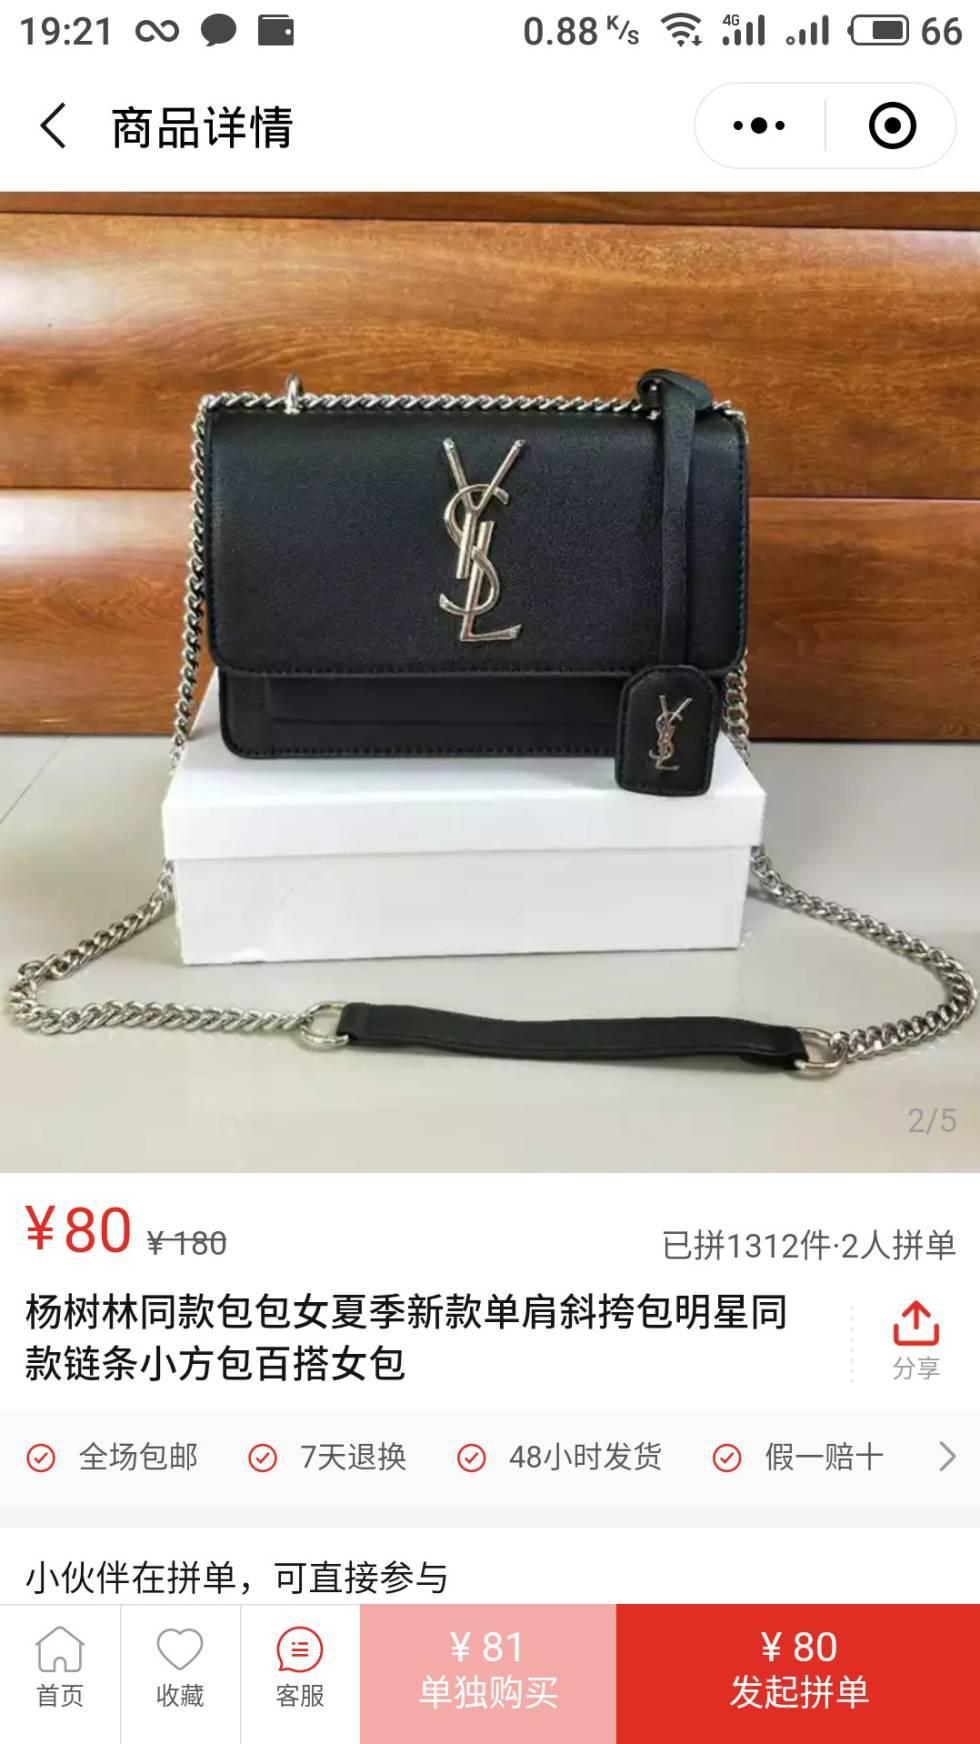 7bca042b0b China lucha contra las falsificaciones (pero a los europeos nos ...